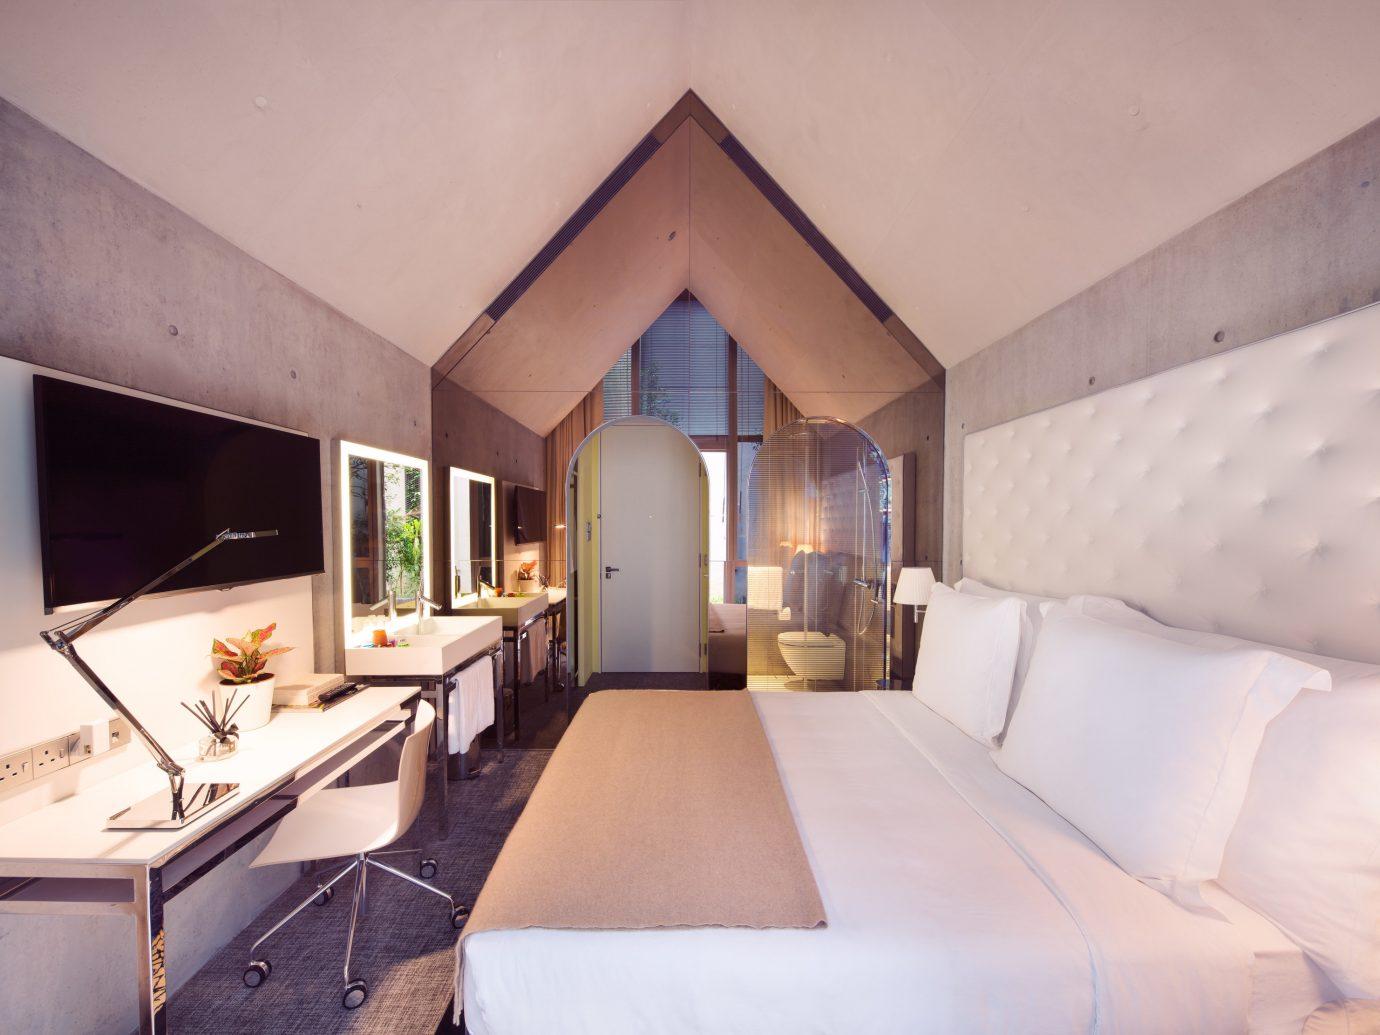 Hotels indoor wall room property ceiling house estate Villa Suite real estate home interior design Design cottage apartment Bedroom furniture